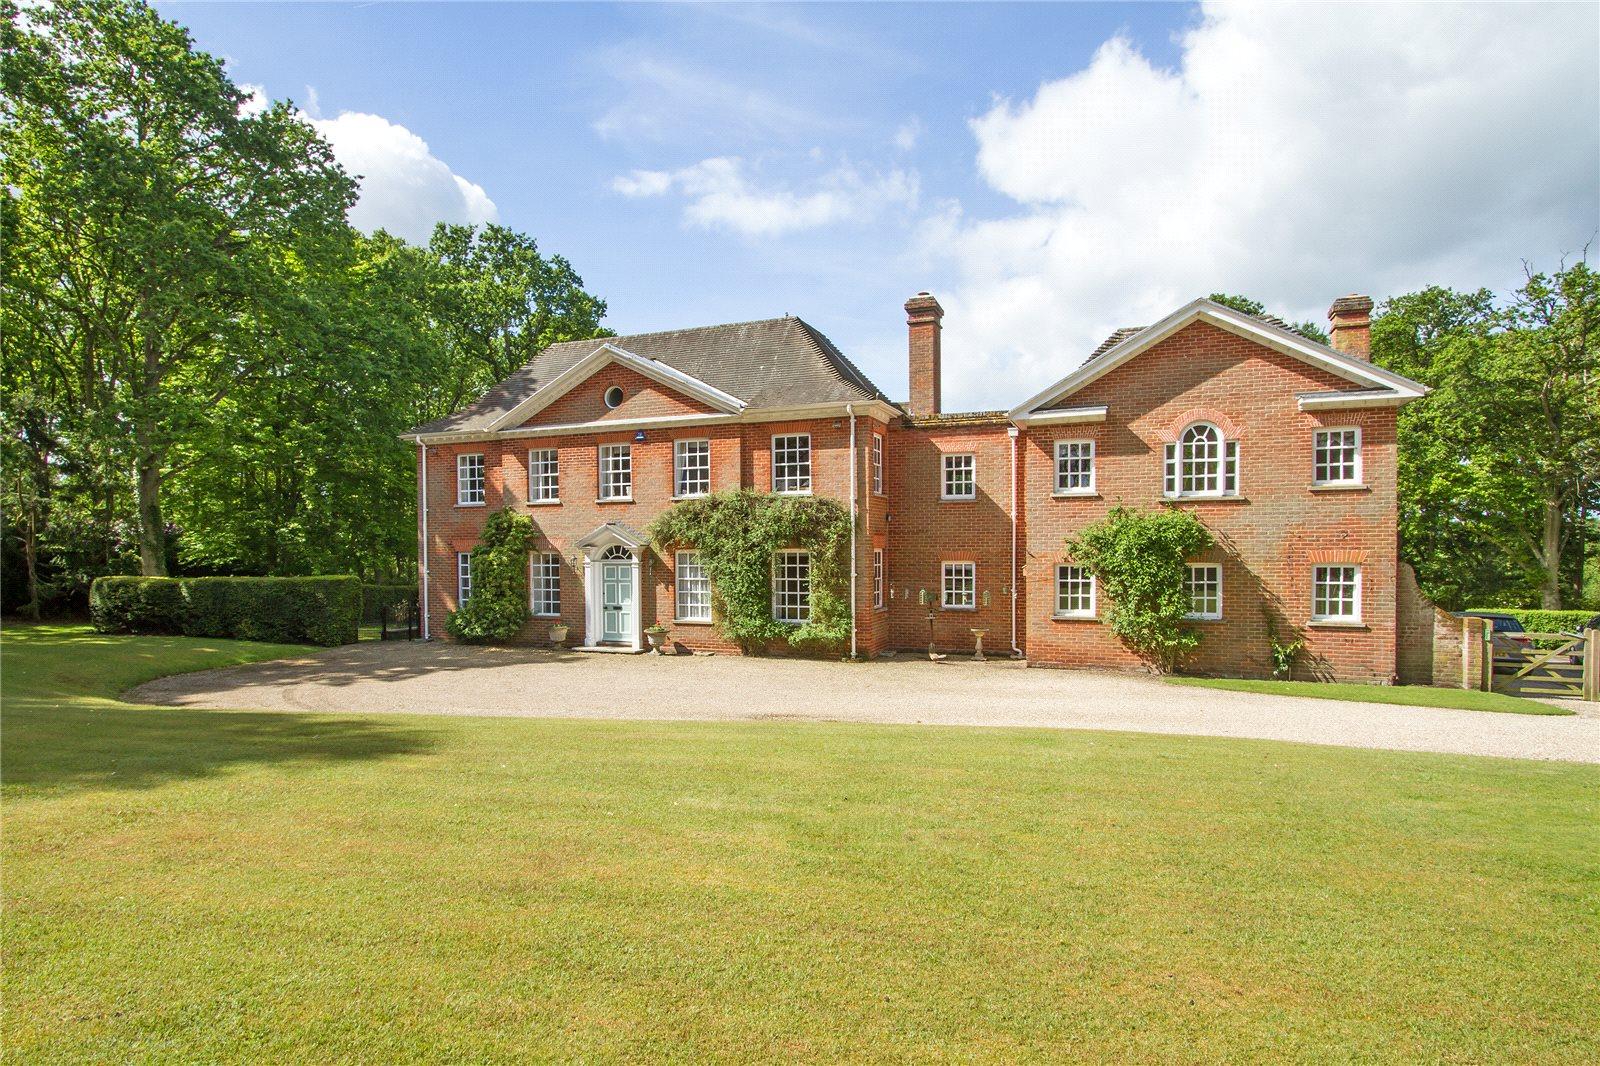 Μονοκατοικία για την Πώληση στο Kiln Lane, Farley Hill, Reading, Berkshire, RG7 Reading, Αγγλια